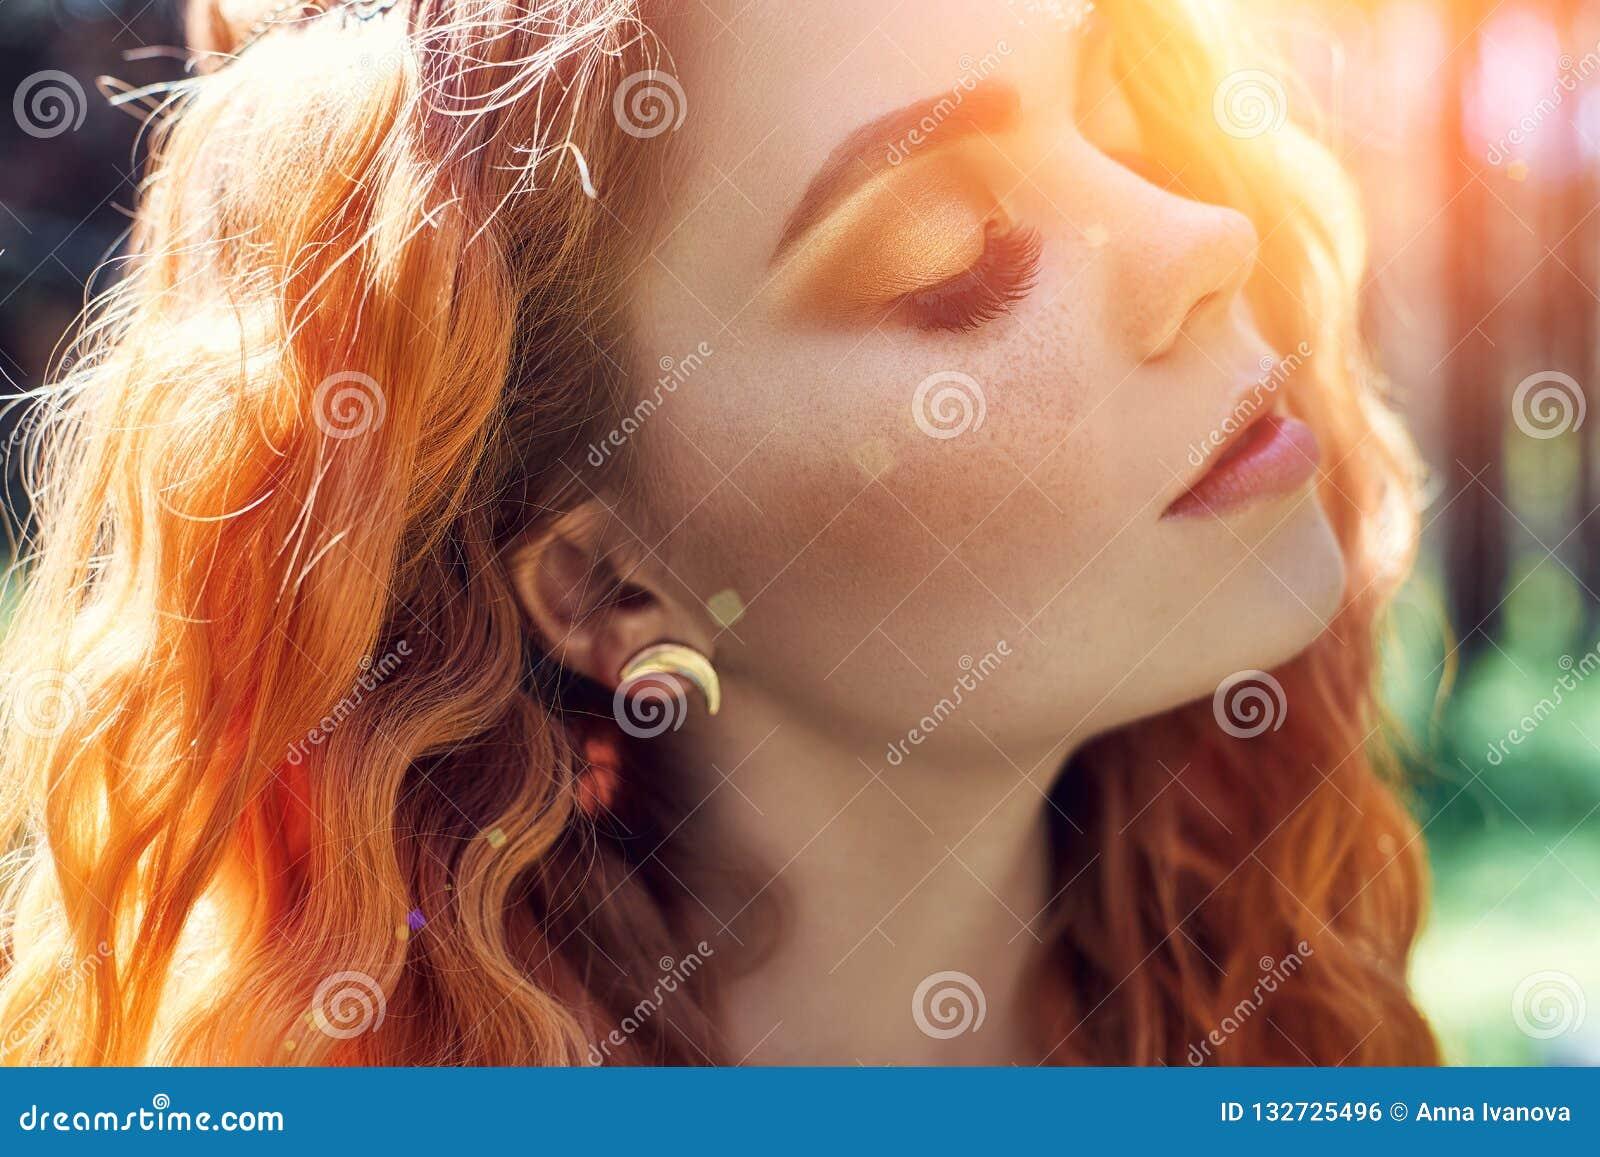 Девушка красивого redhead норвежская с большими глазами и веснушками на стороне в портрете леса крупного плана женщины redhead в